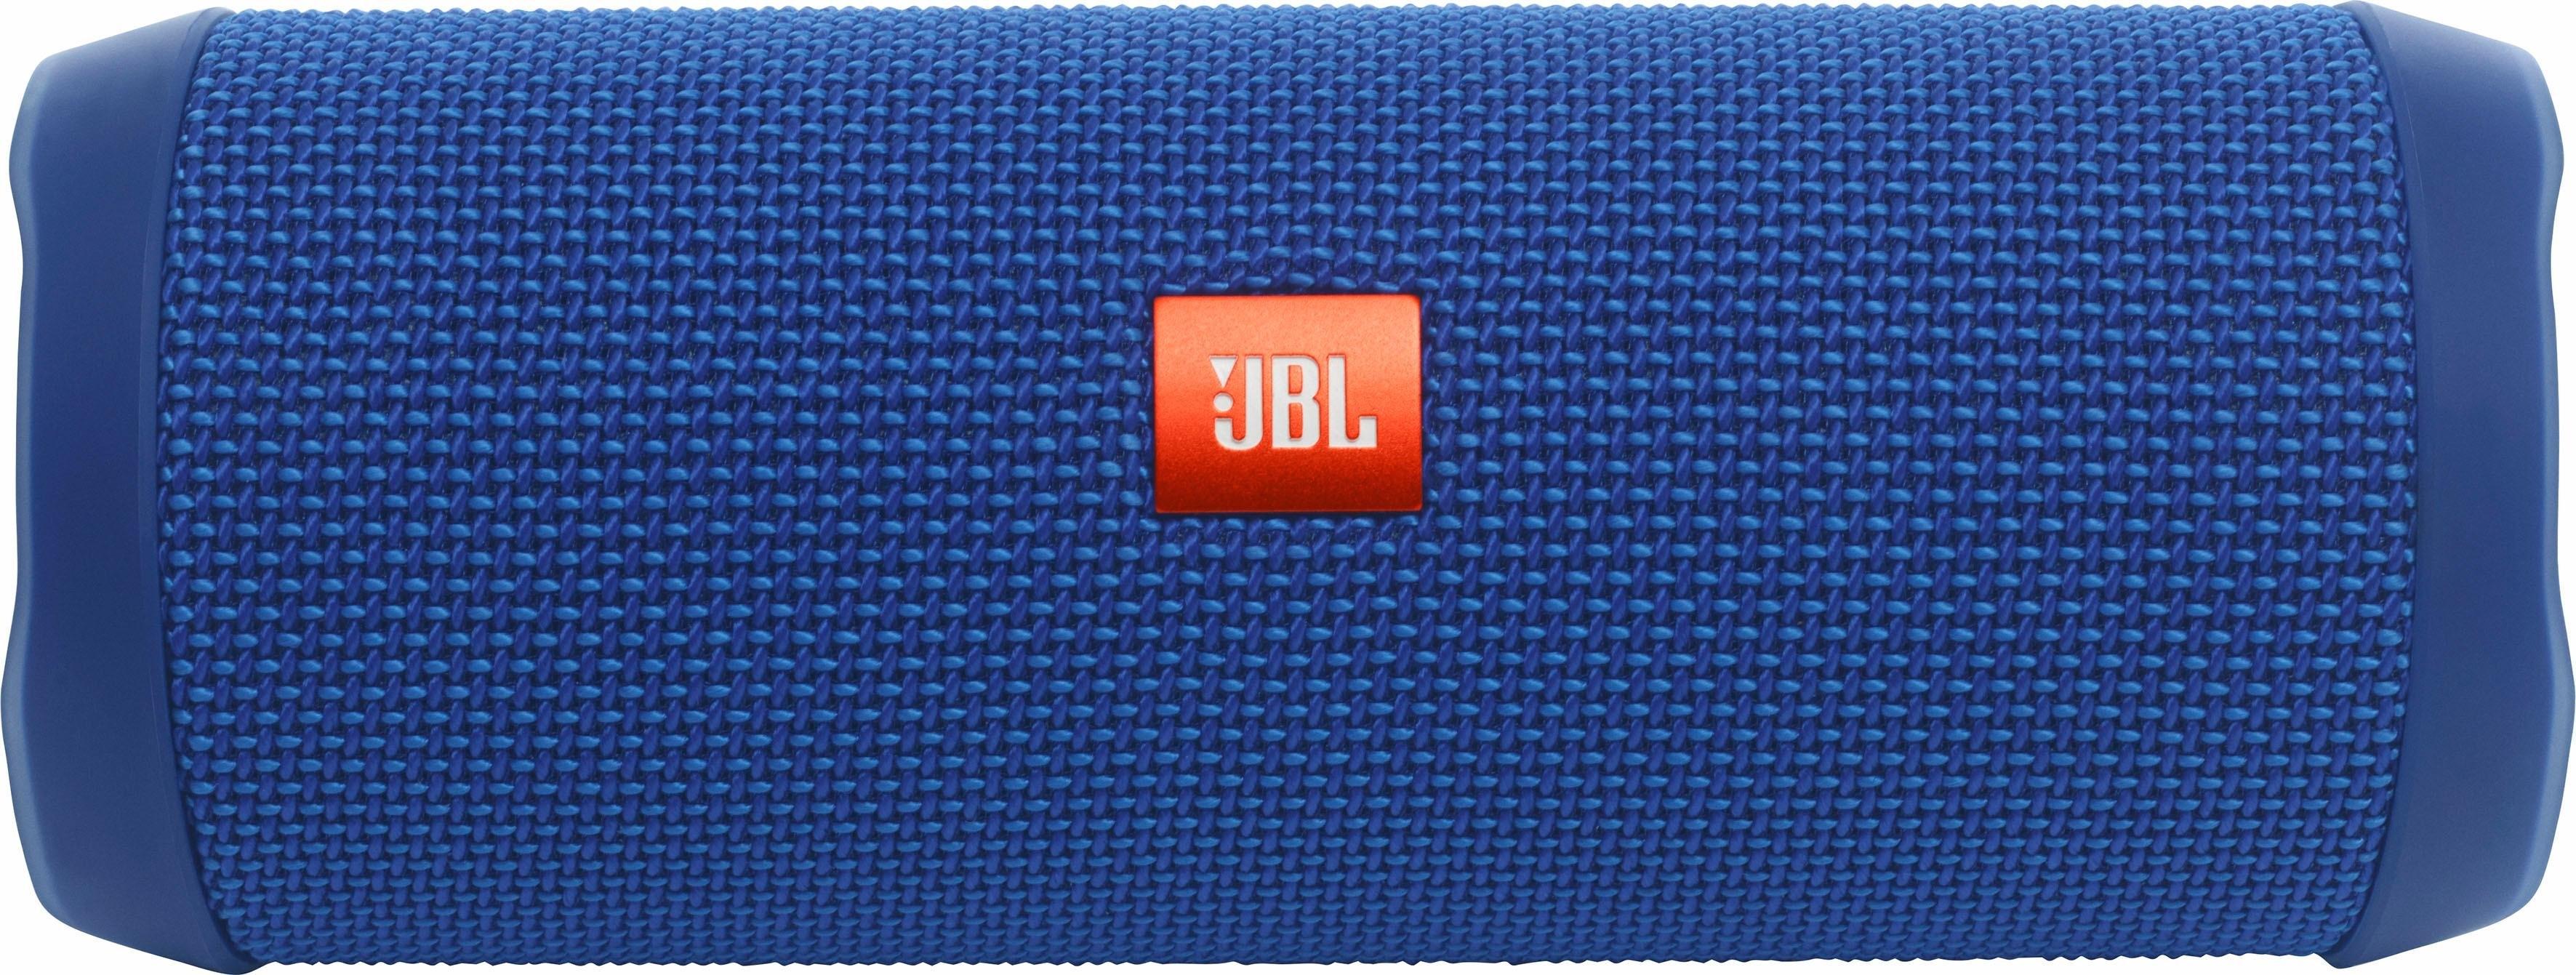 Jbl Flip 4 20 Bluetooth Luidspreker